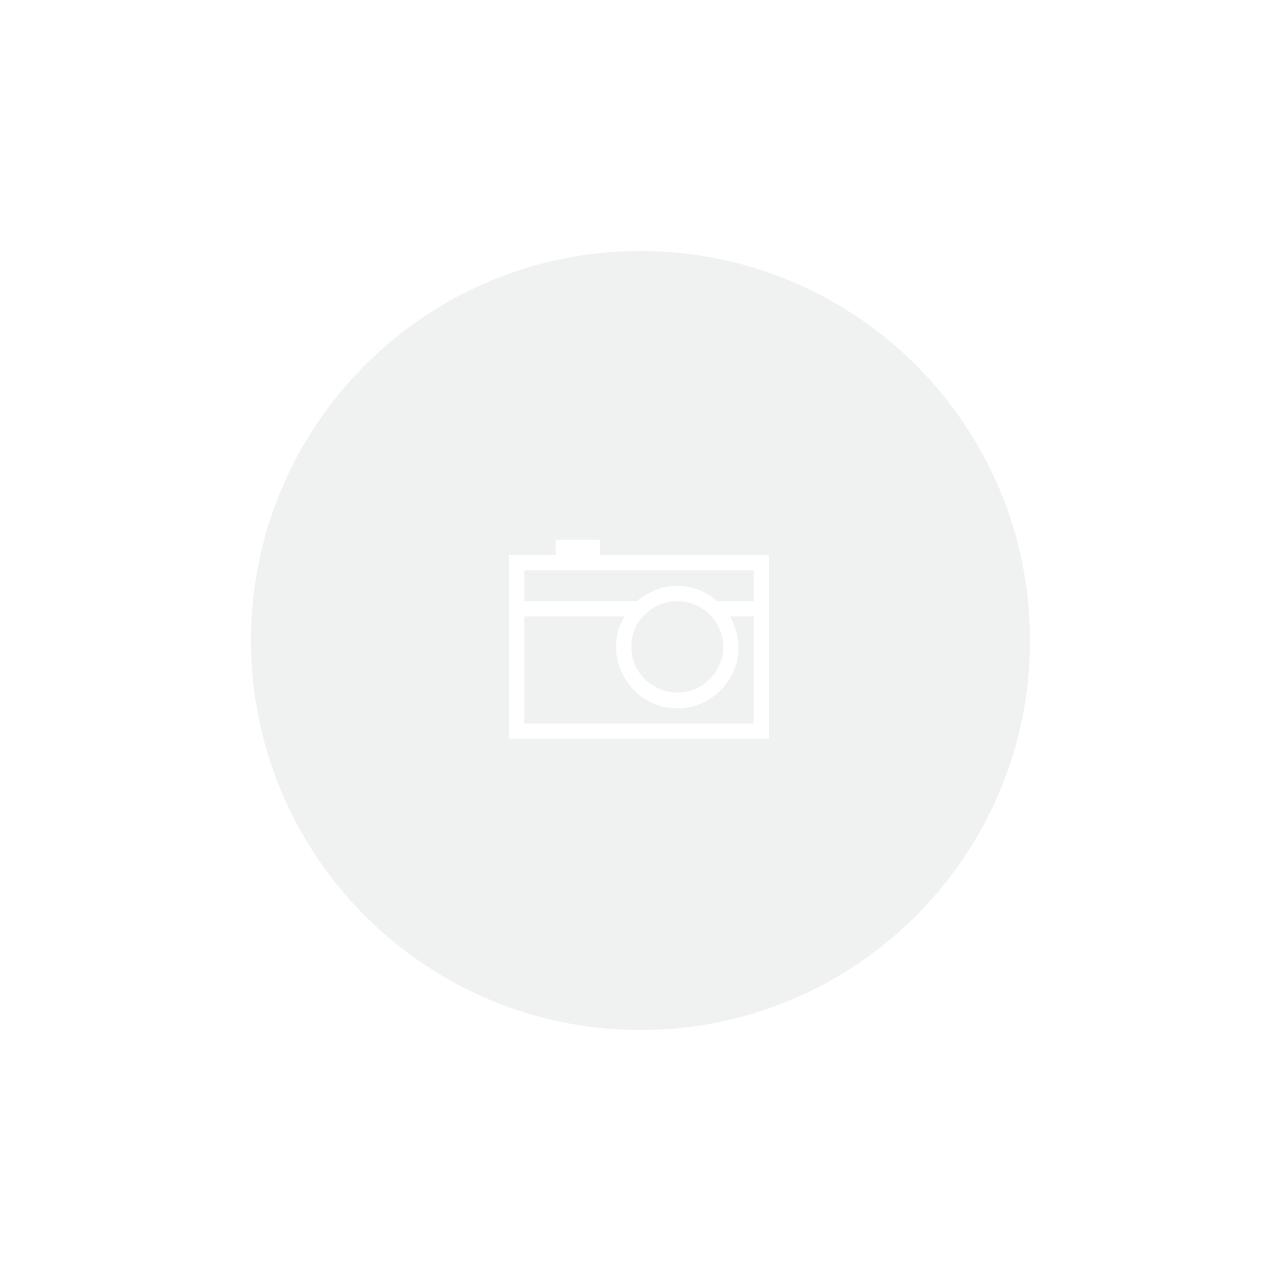 Almofada Veludo Vermelho c/ Aplicação de Cordão Branco